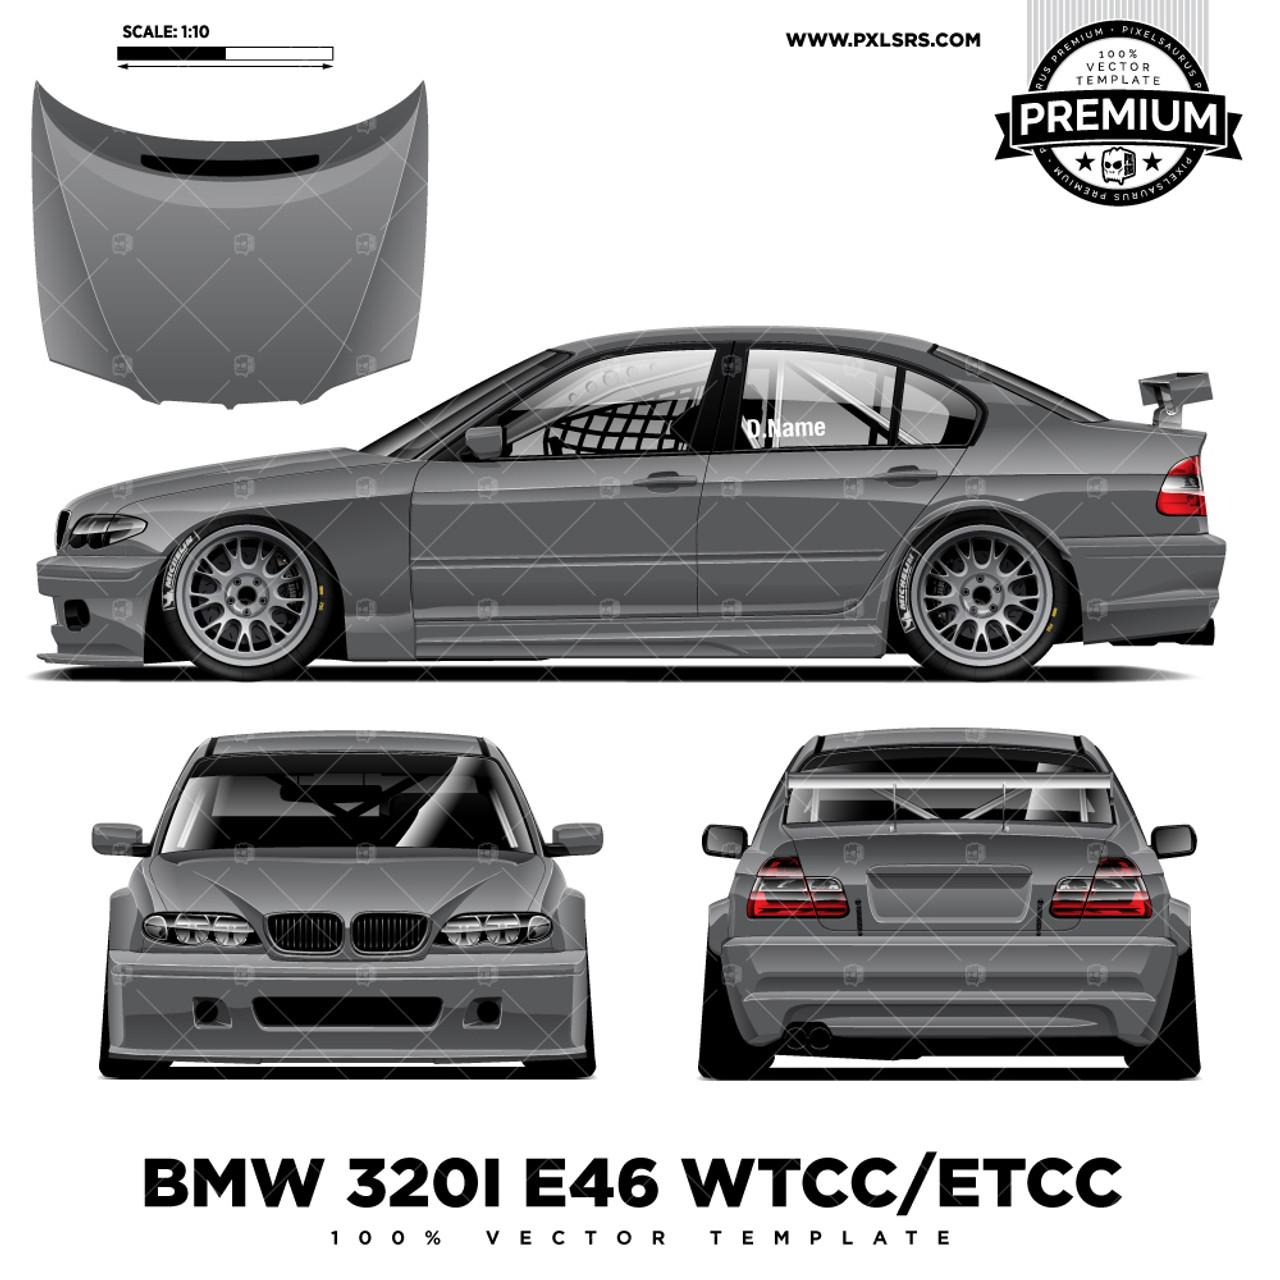 Bmw E46 320i Btcc Etcc Touring Car Full Premium Vector Template Pixelsaurus